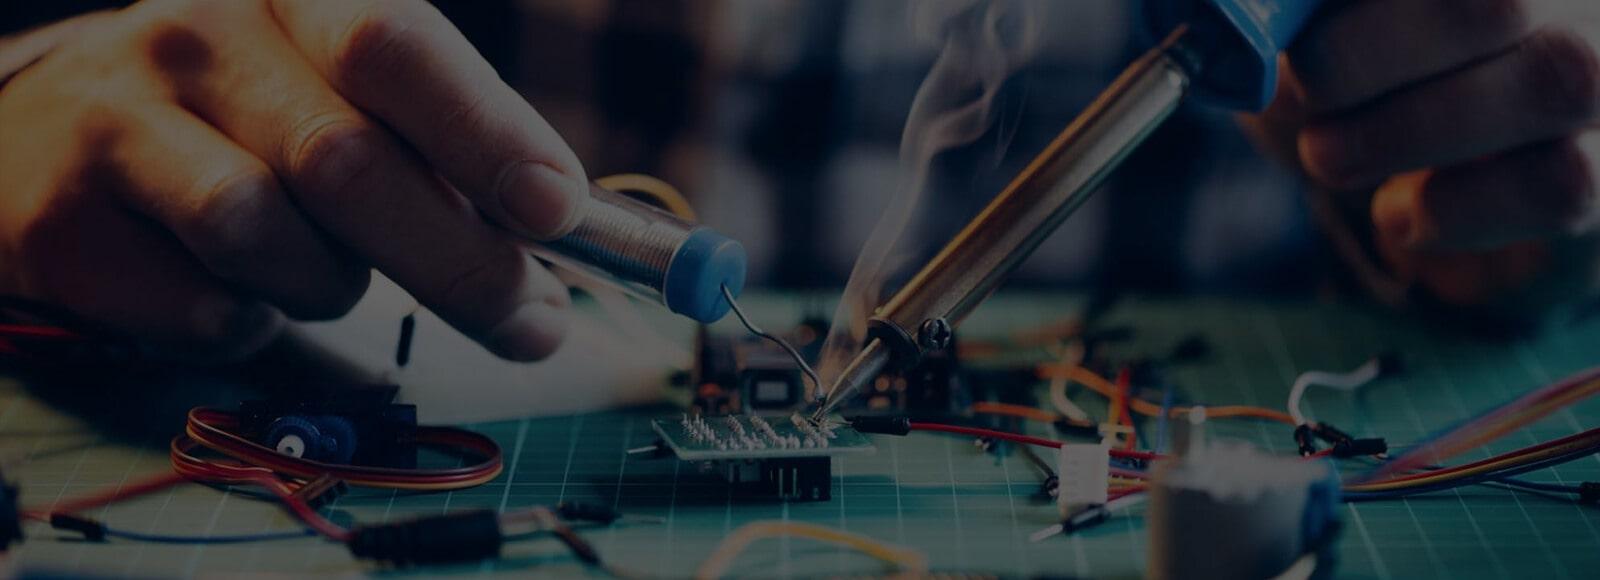 réparation composants